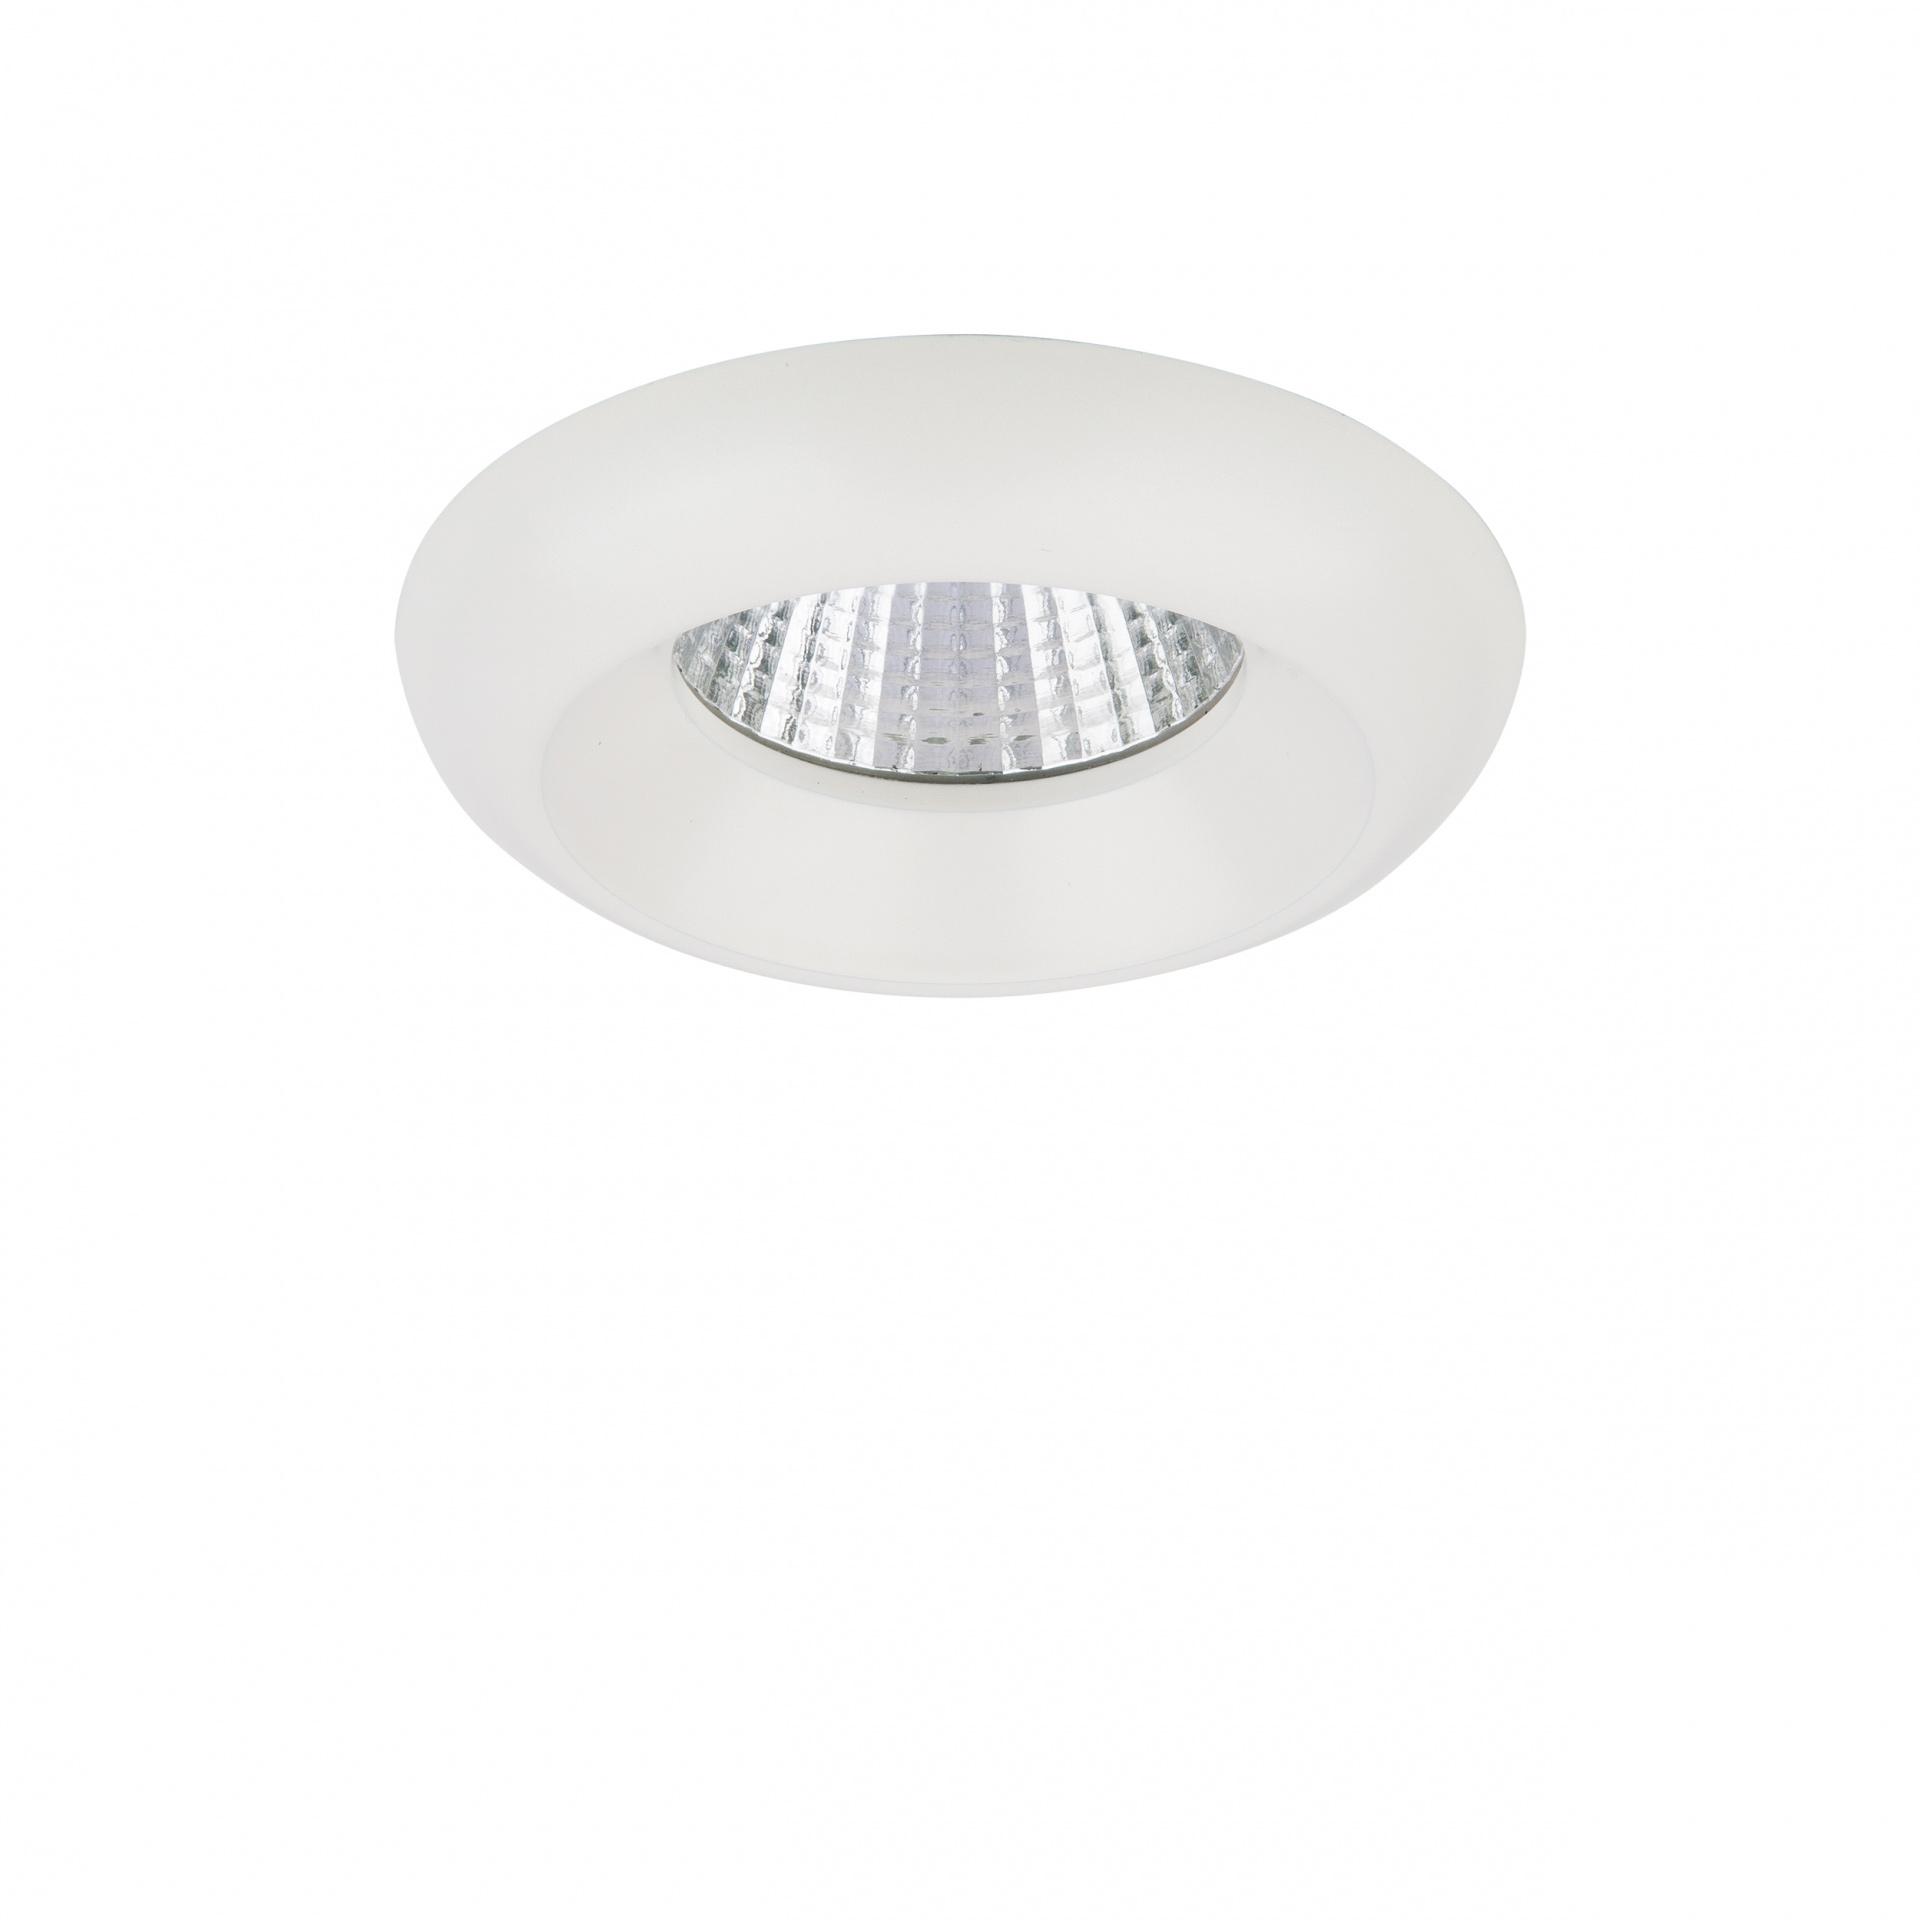 Светильник Monde LED 7W 560LM 50G белый 3000K Lightstar 071076, купить в СПб, Москве, с доставкой, Санкт-Петербург, интернет-магазин люстр и светильников Starlight, фото в жизни